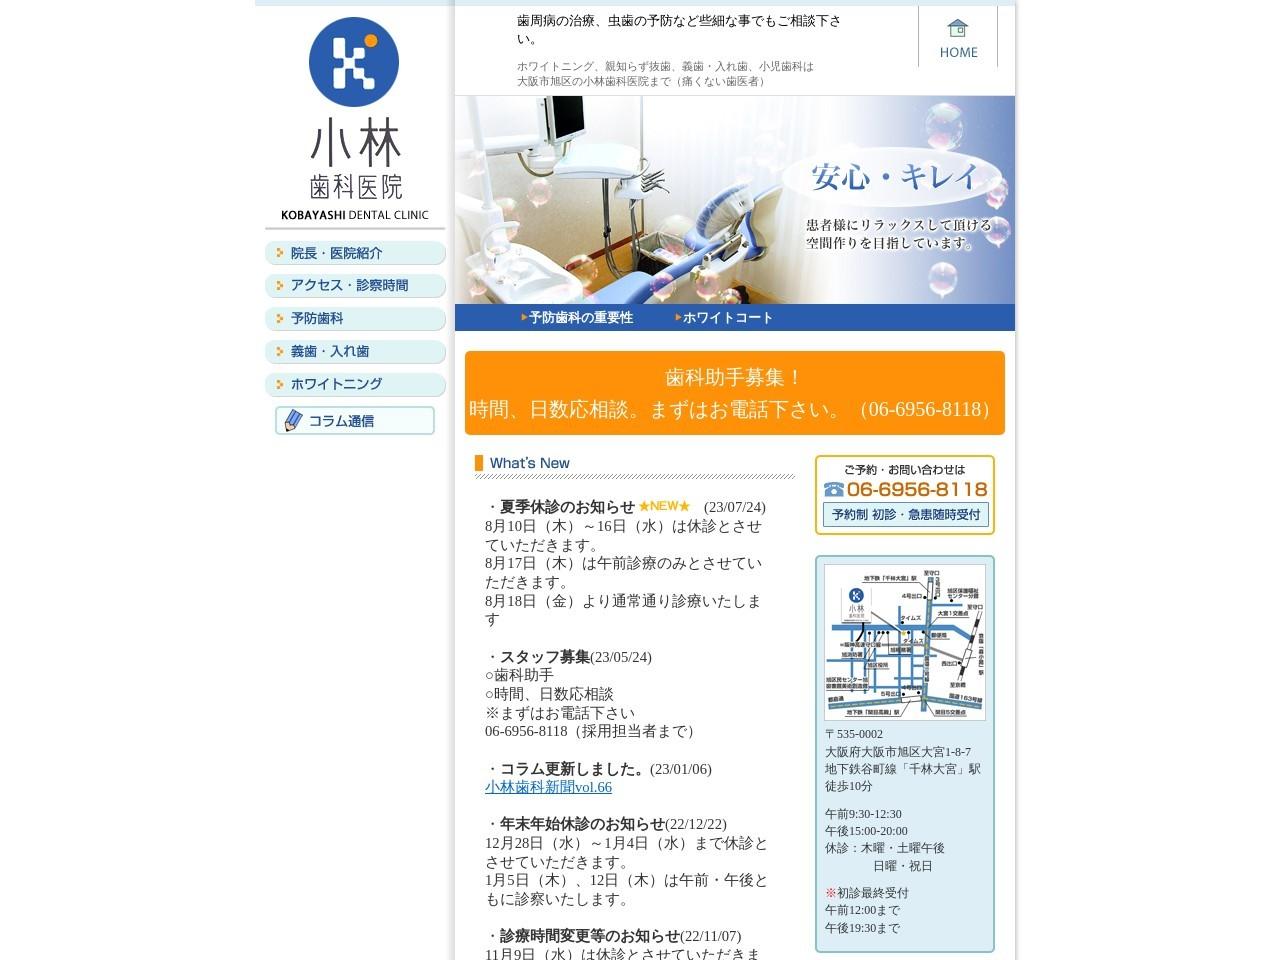 小林歯科医院 (大阪府大阪市旭区)